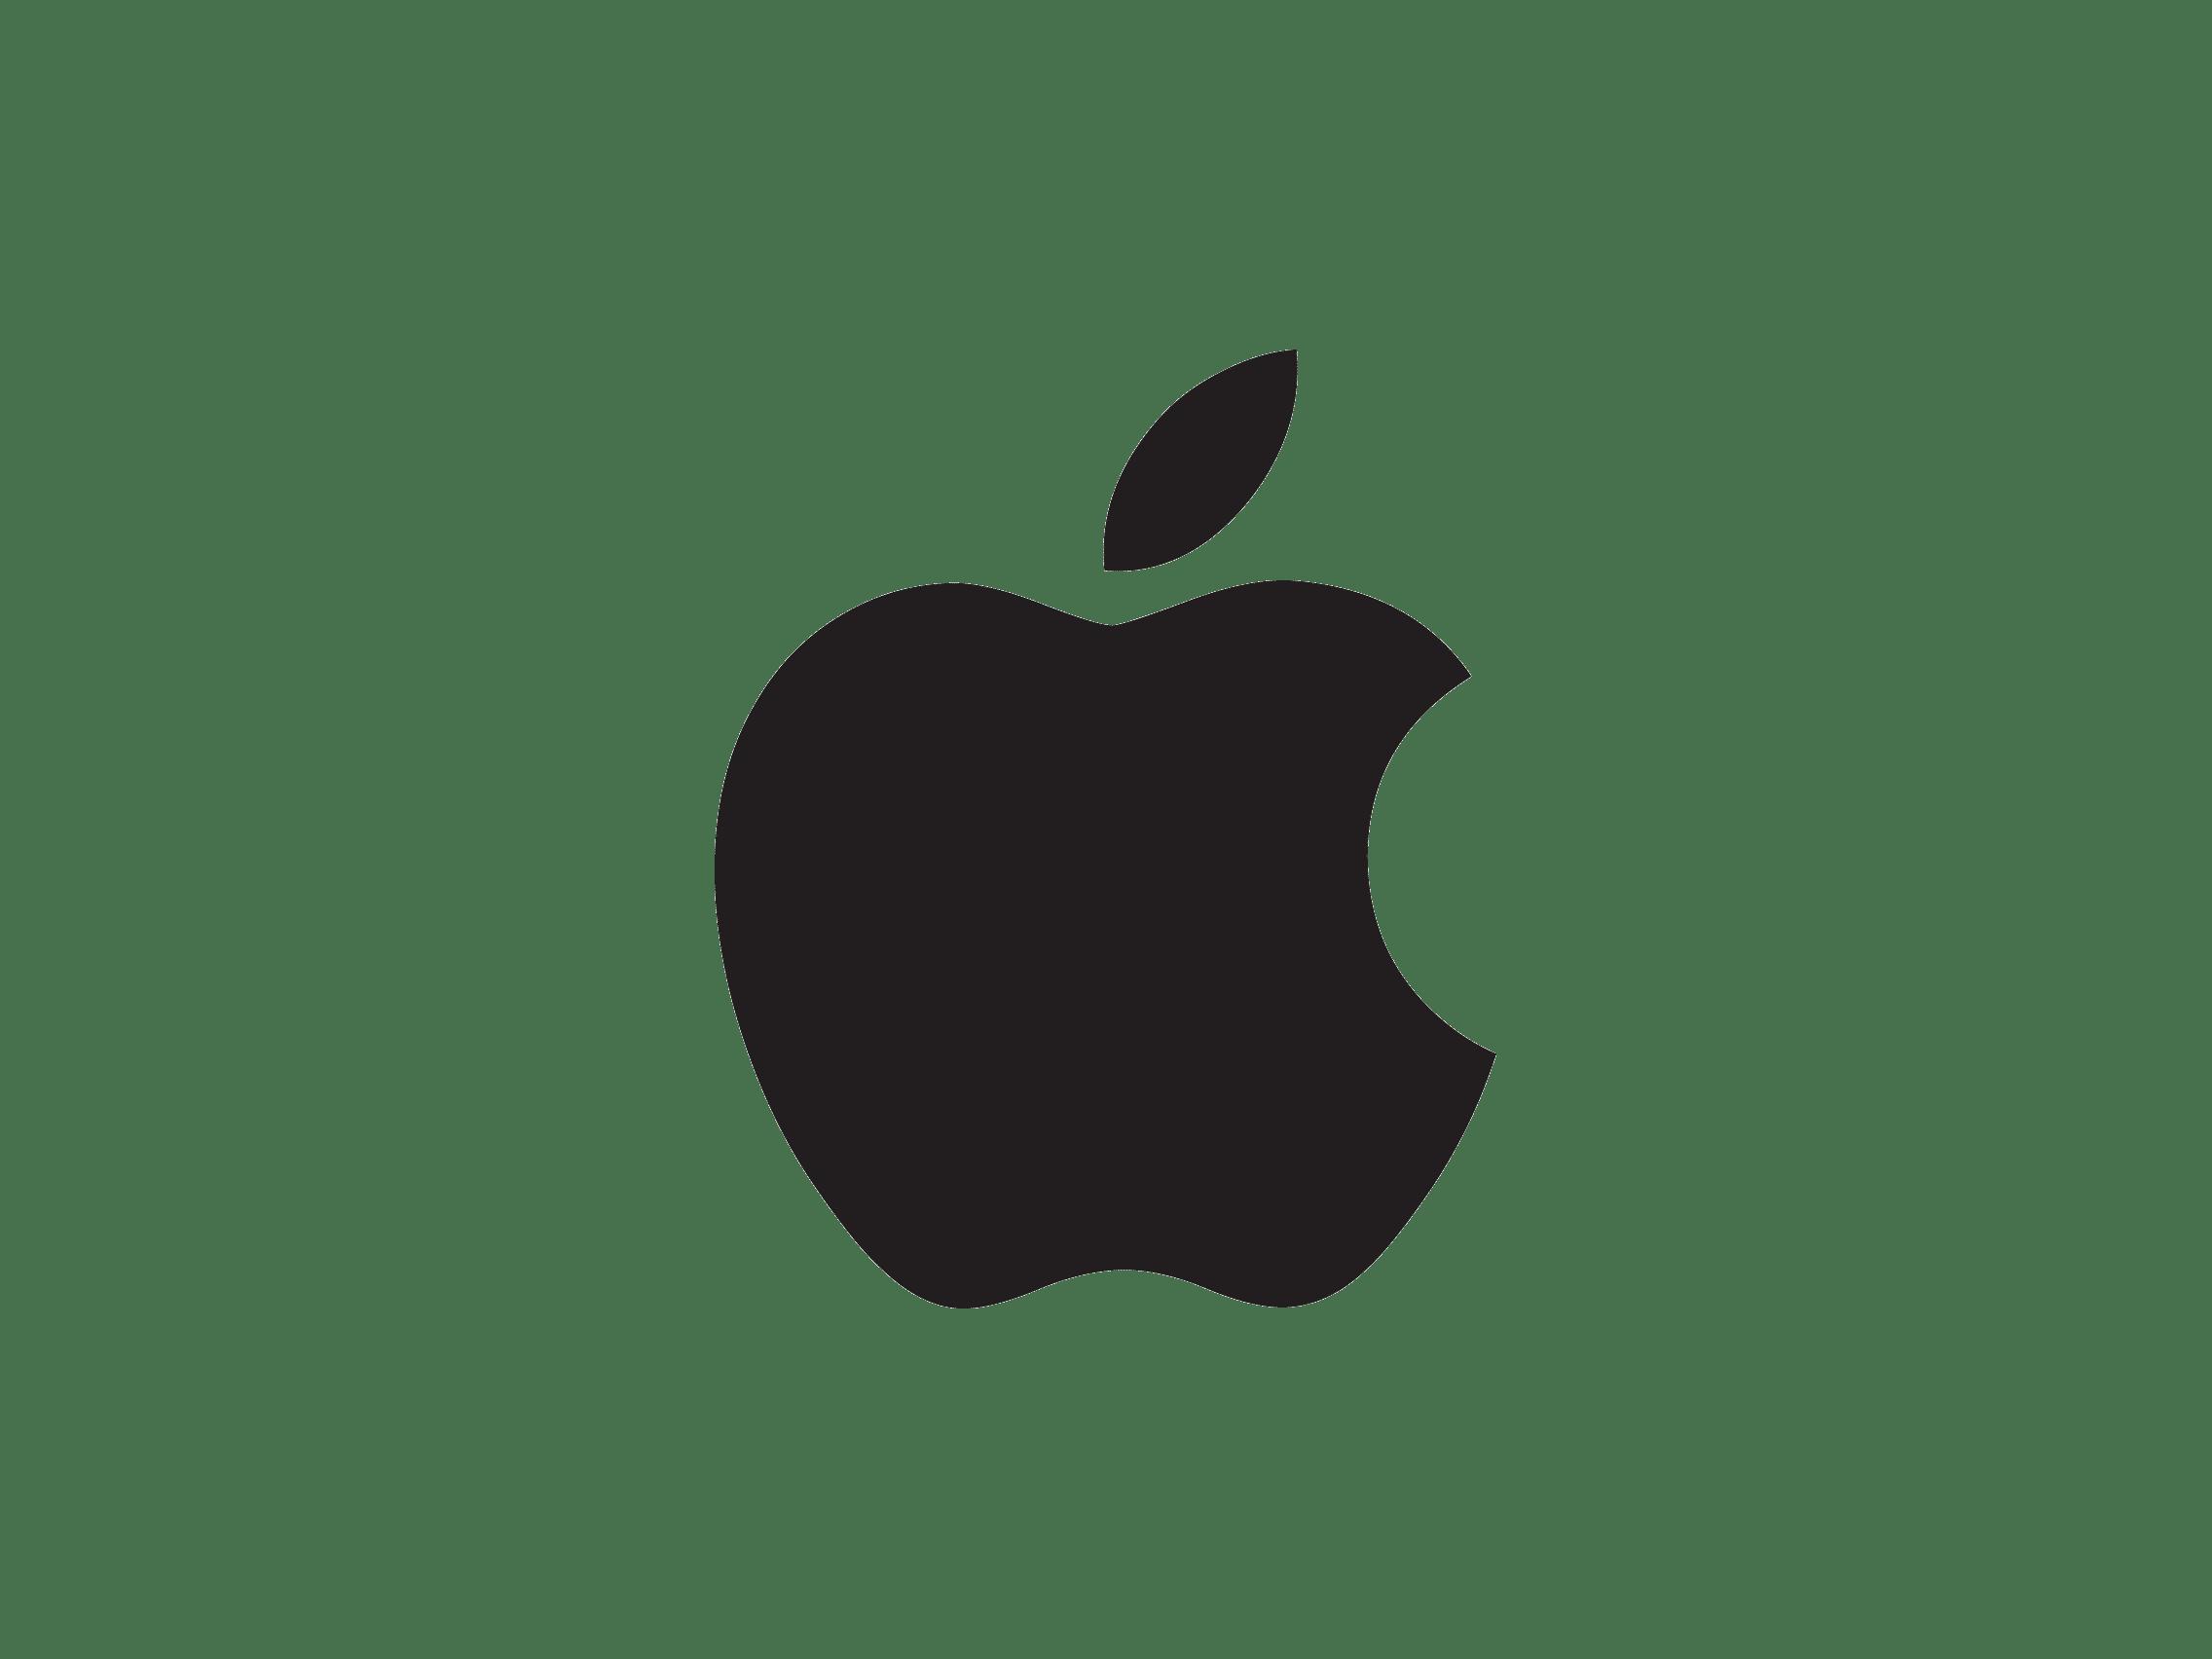 apple logo -svetapple.sk